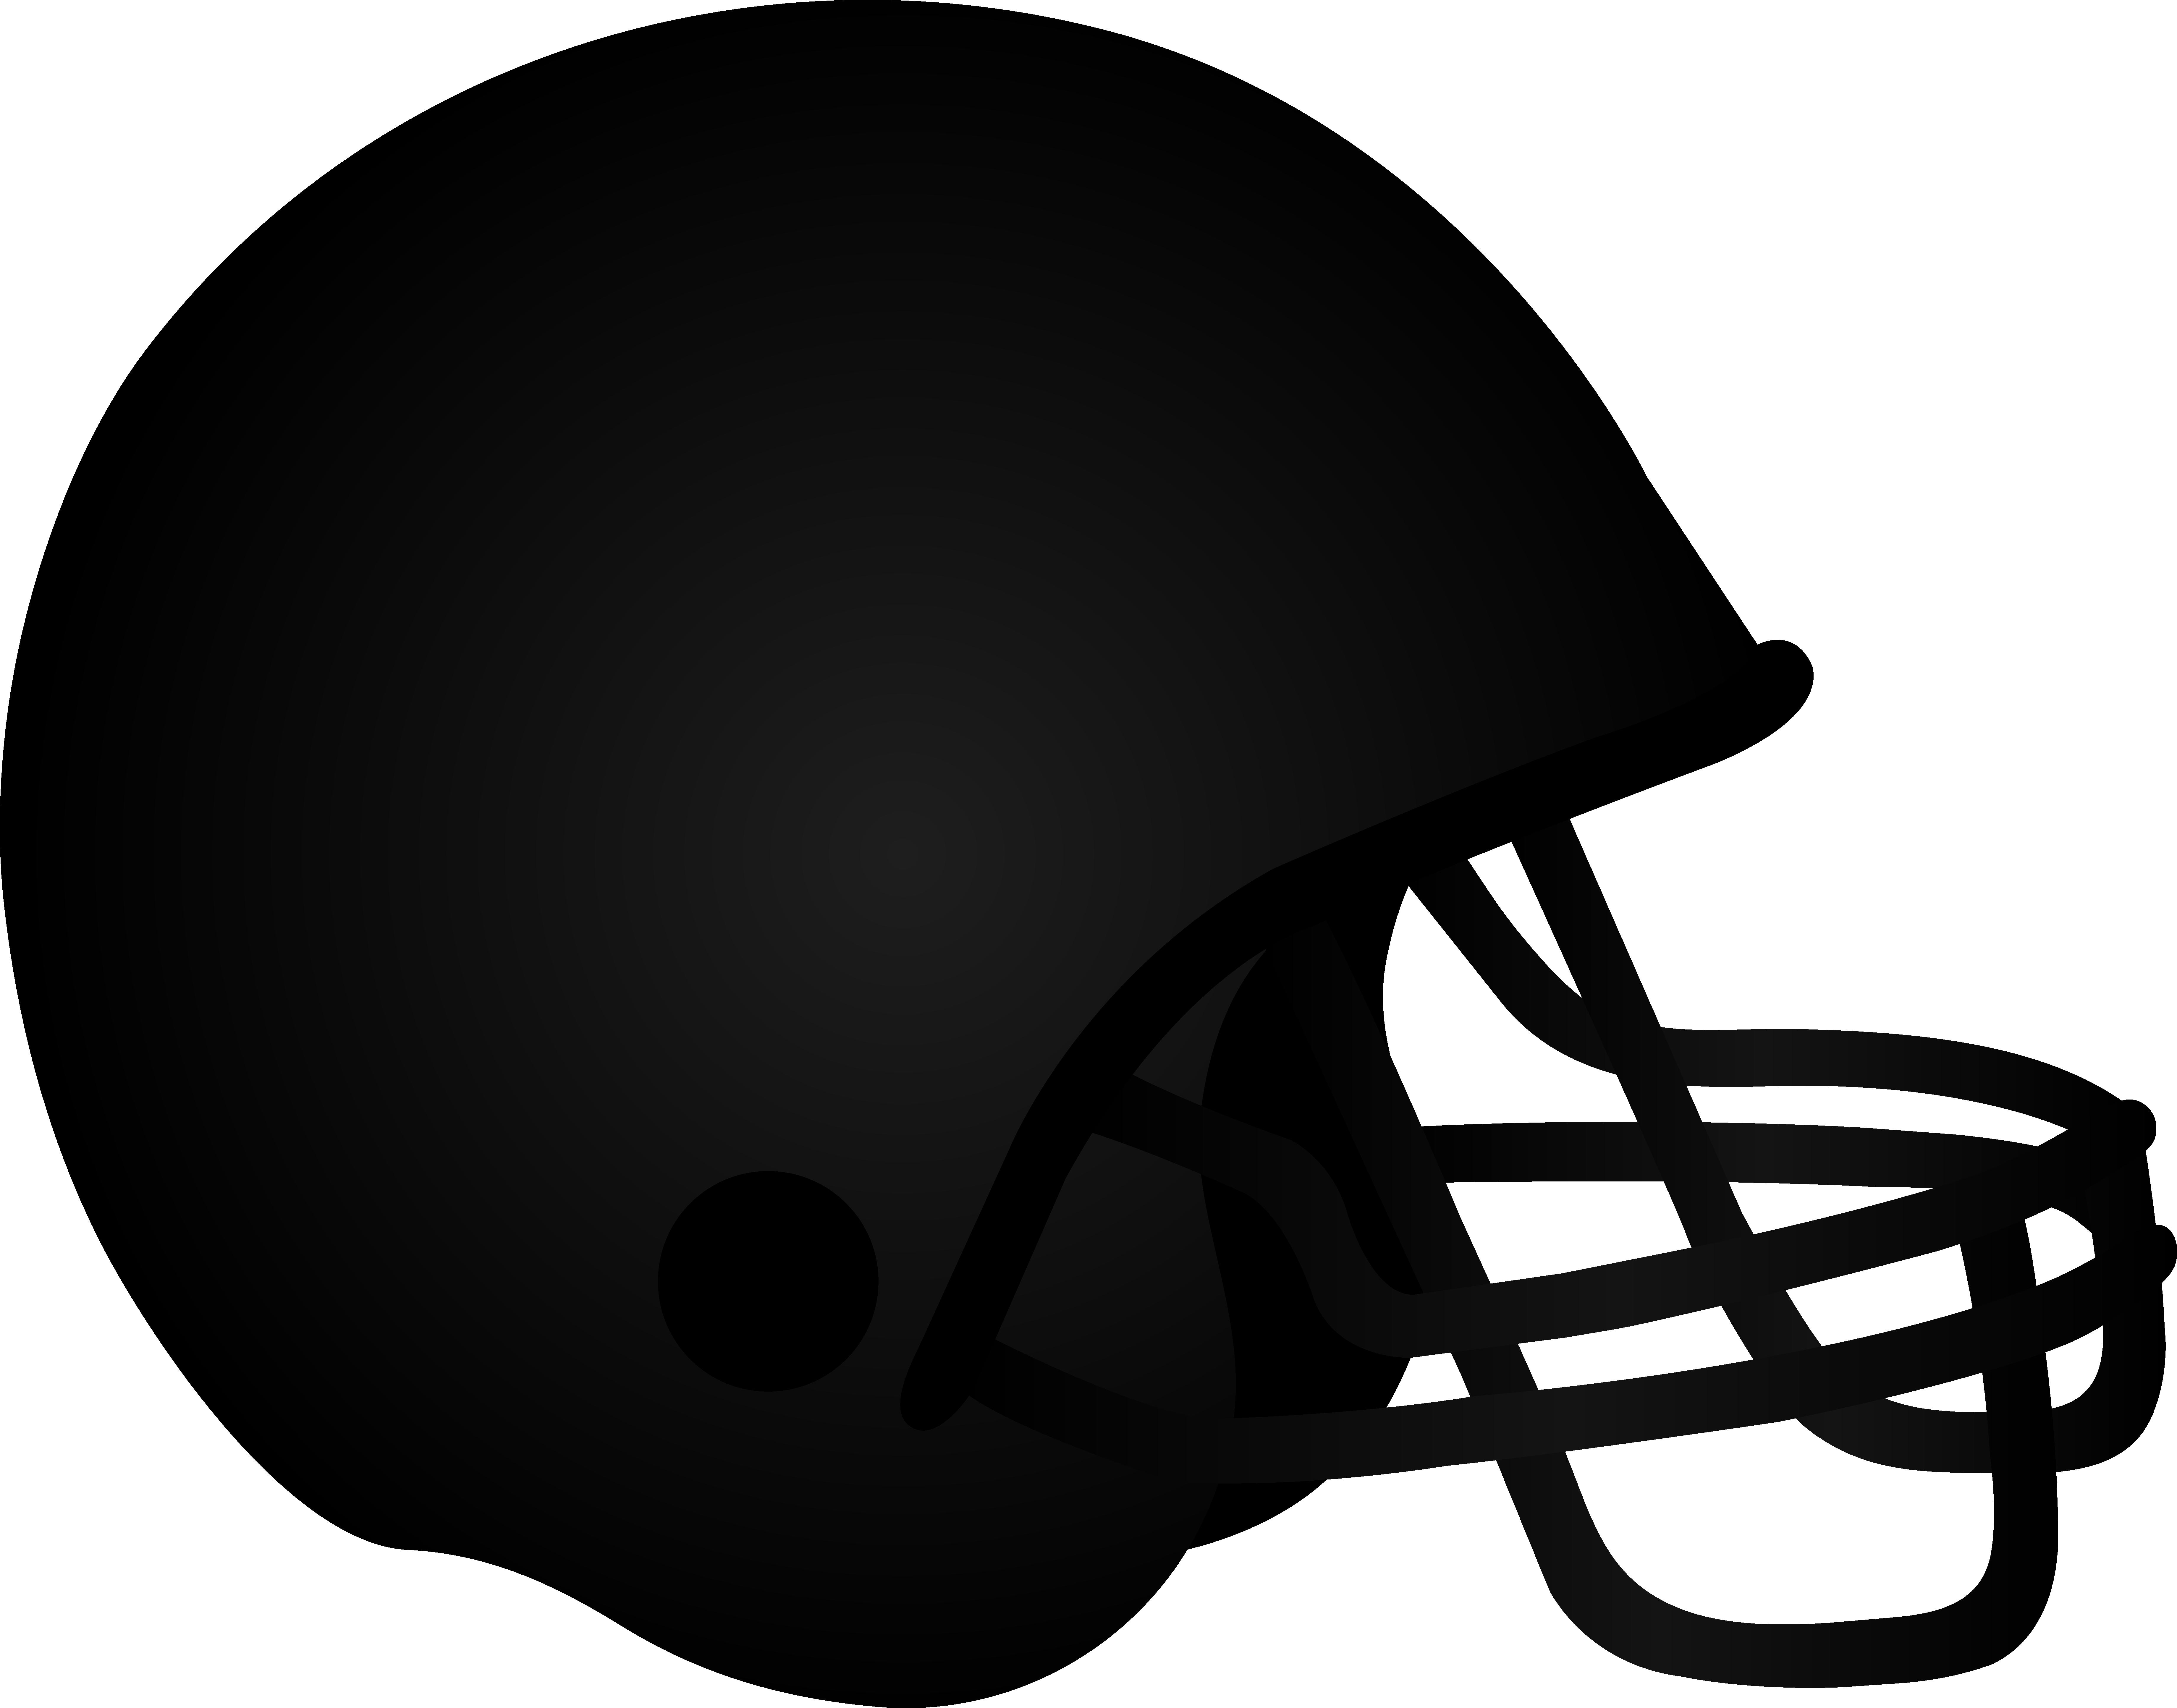 Football Helmet Clip Art